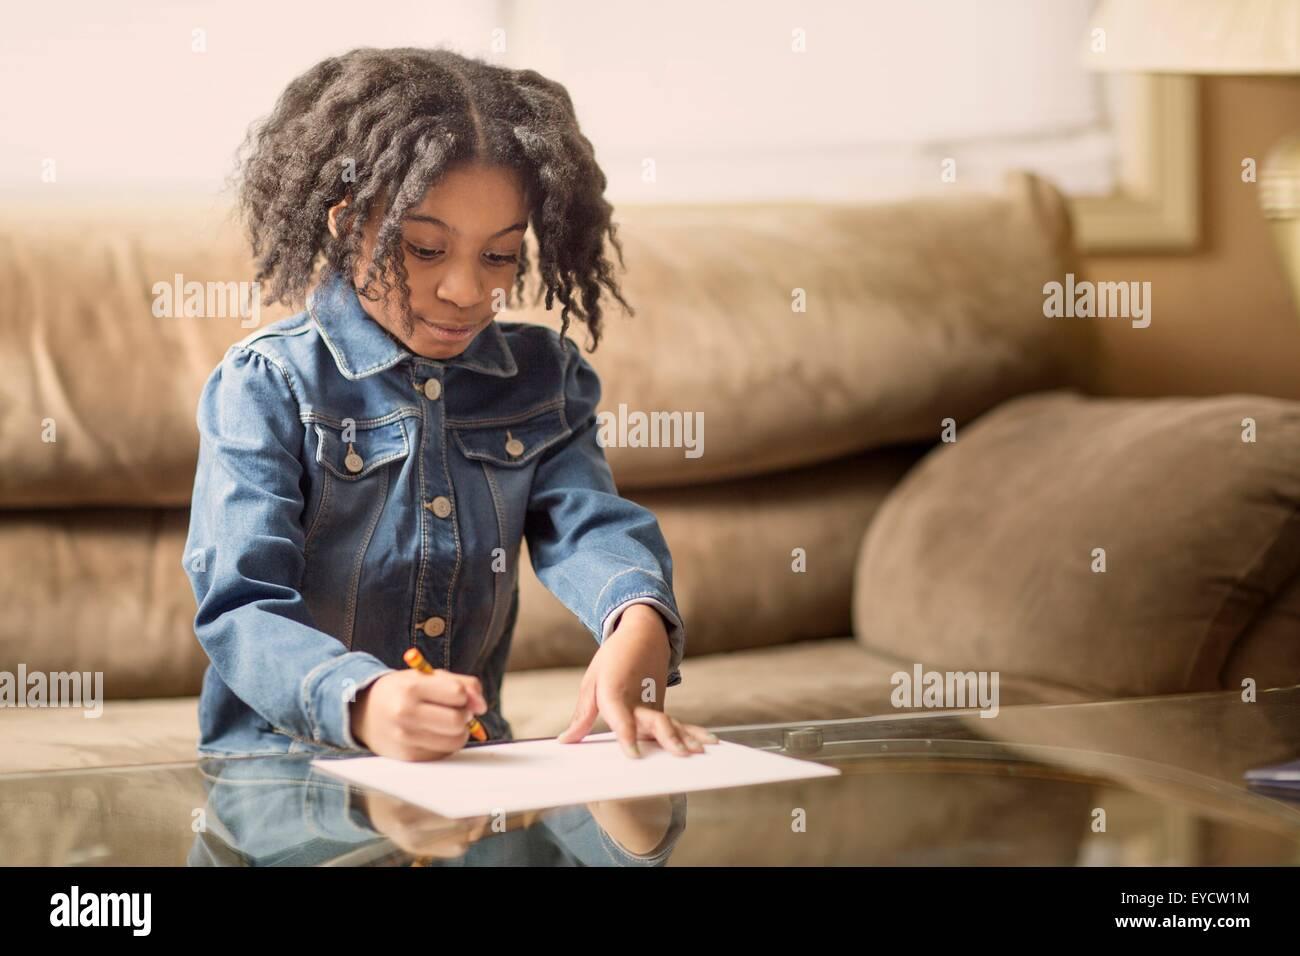 Ragazza disegno sul tavolo da caffè Immagini Stock